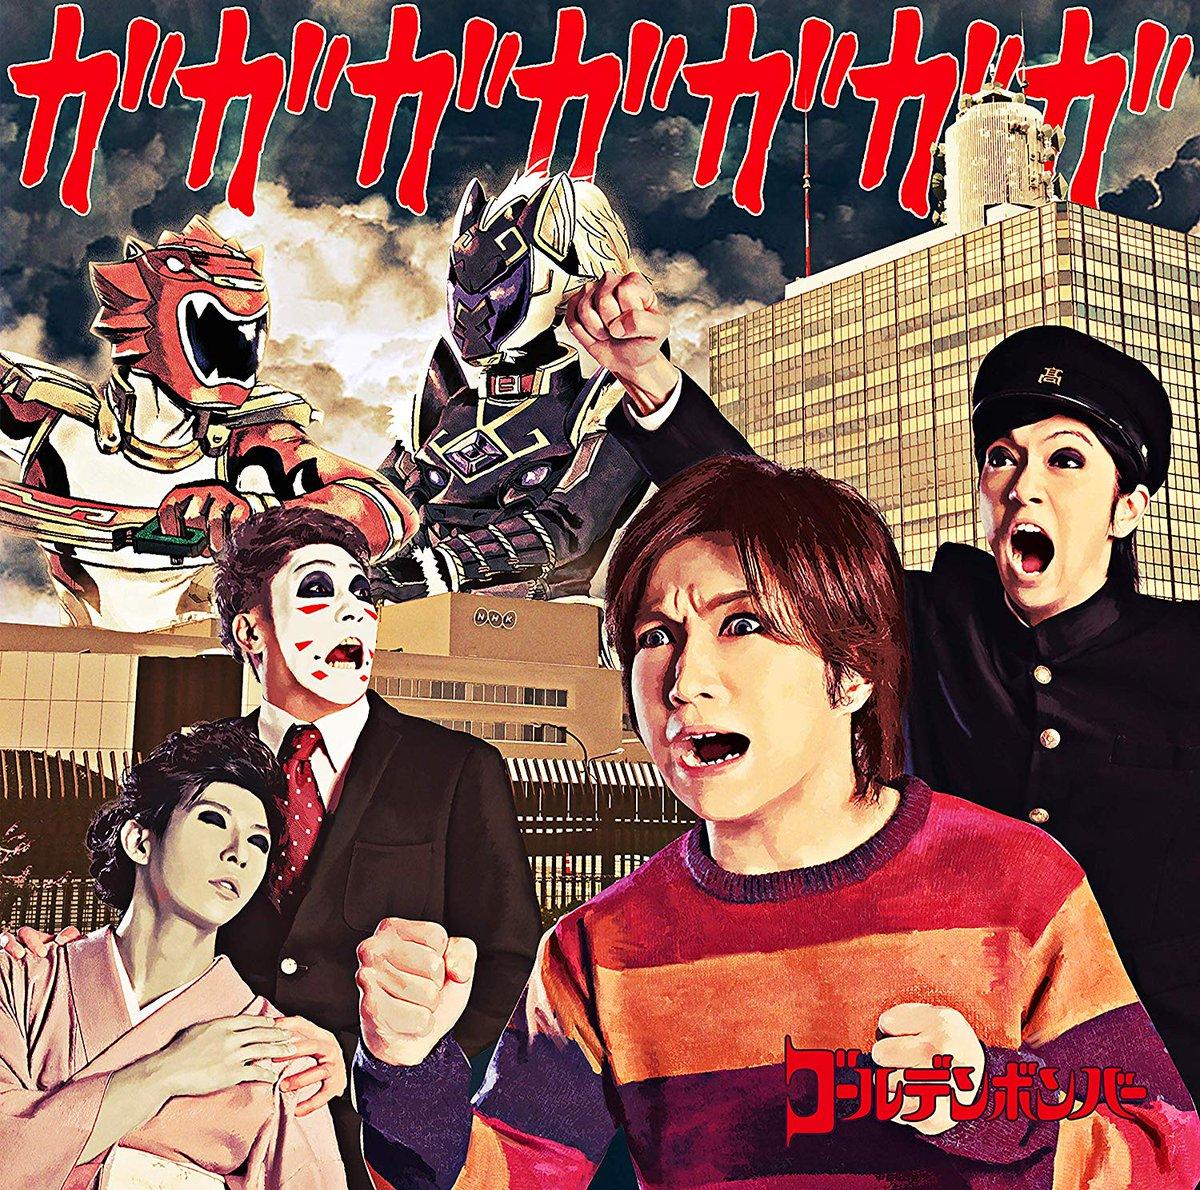 タワーレコード ヴィジュアル系's photo on #CD入荷情報